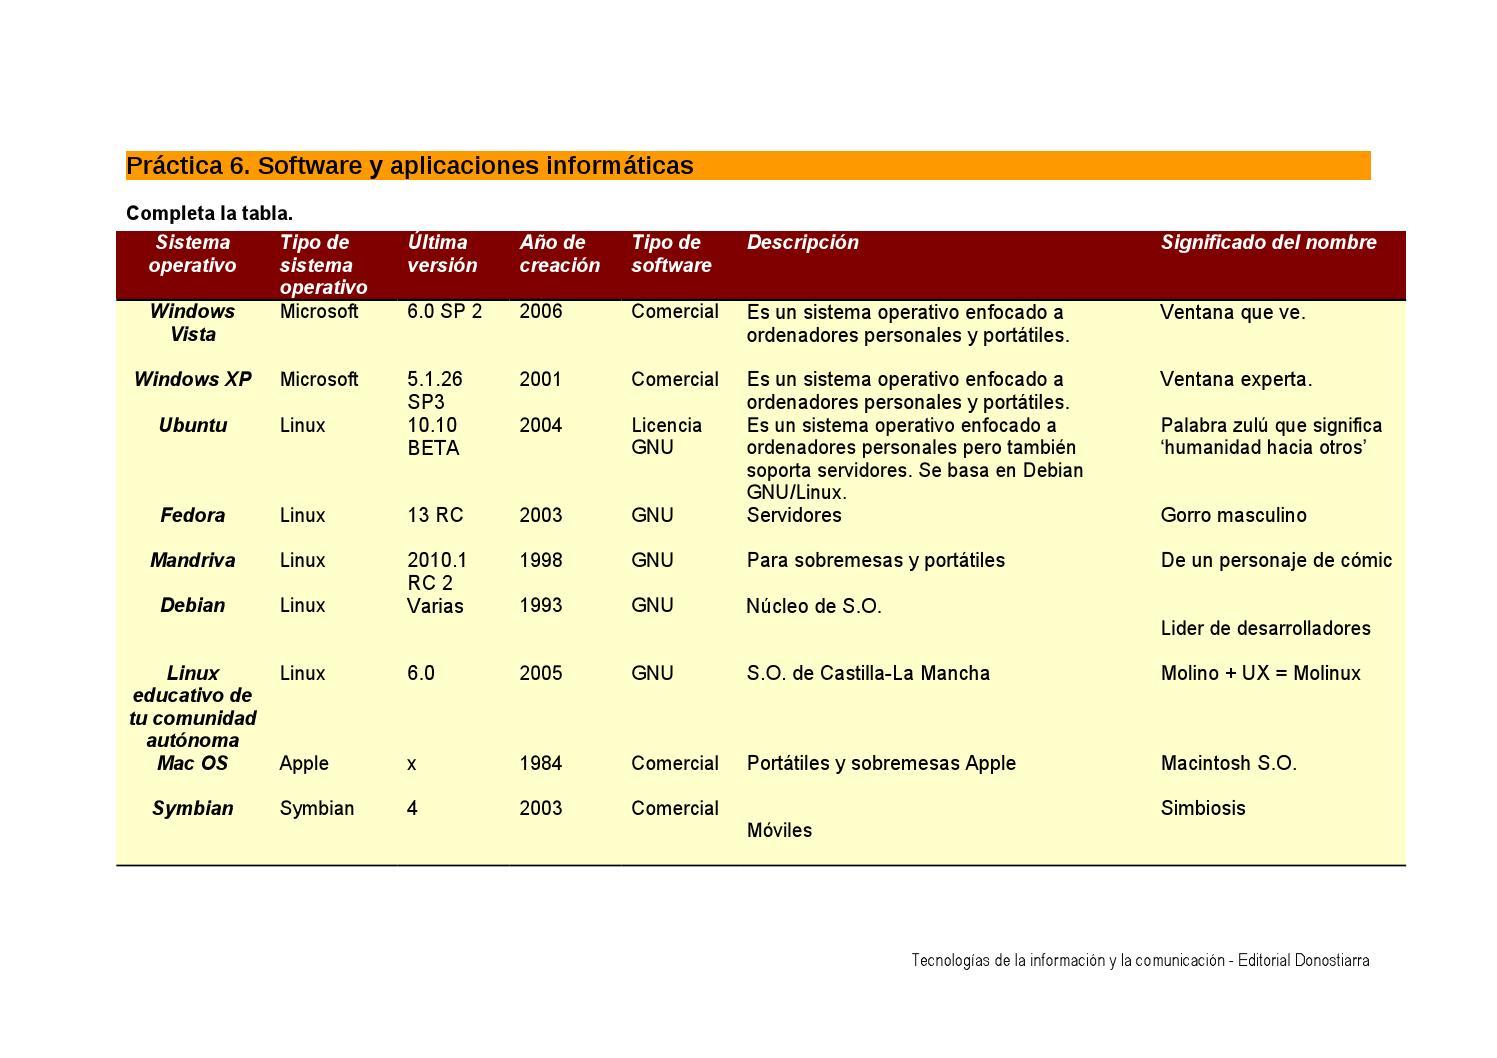 P6 e1 ssoo by sandra pascual diaz issuu for Tipos de licencias para bares